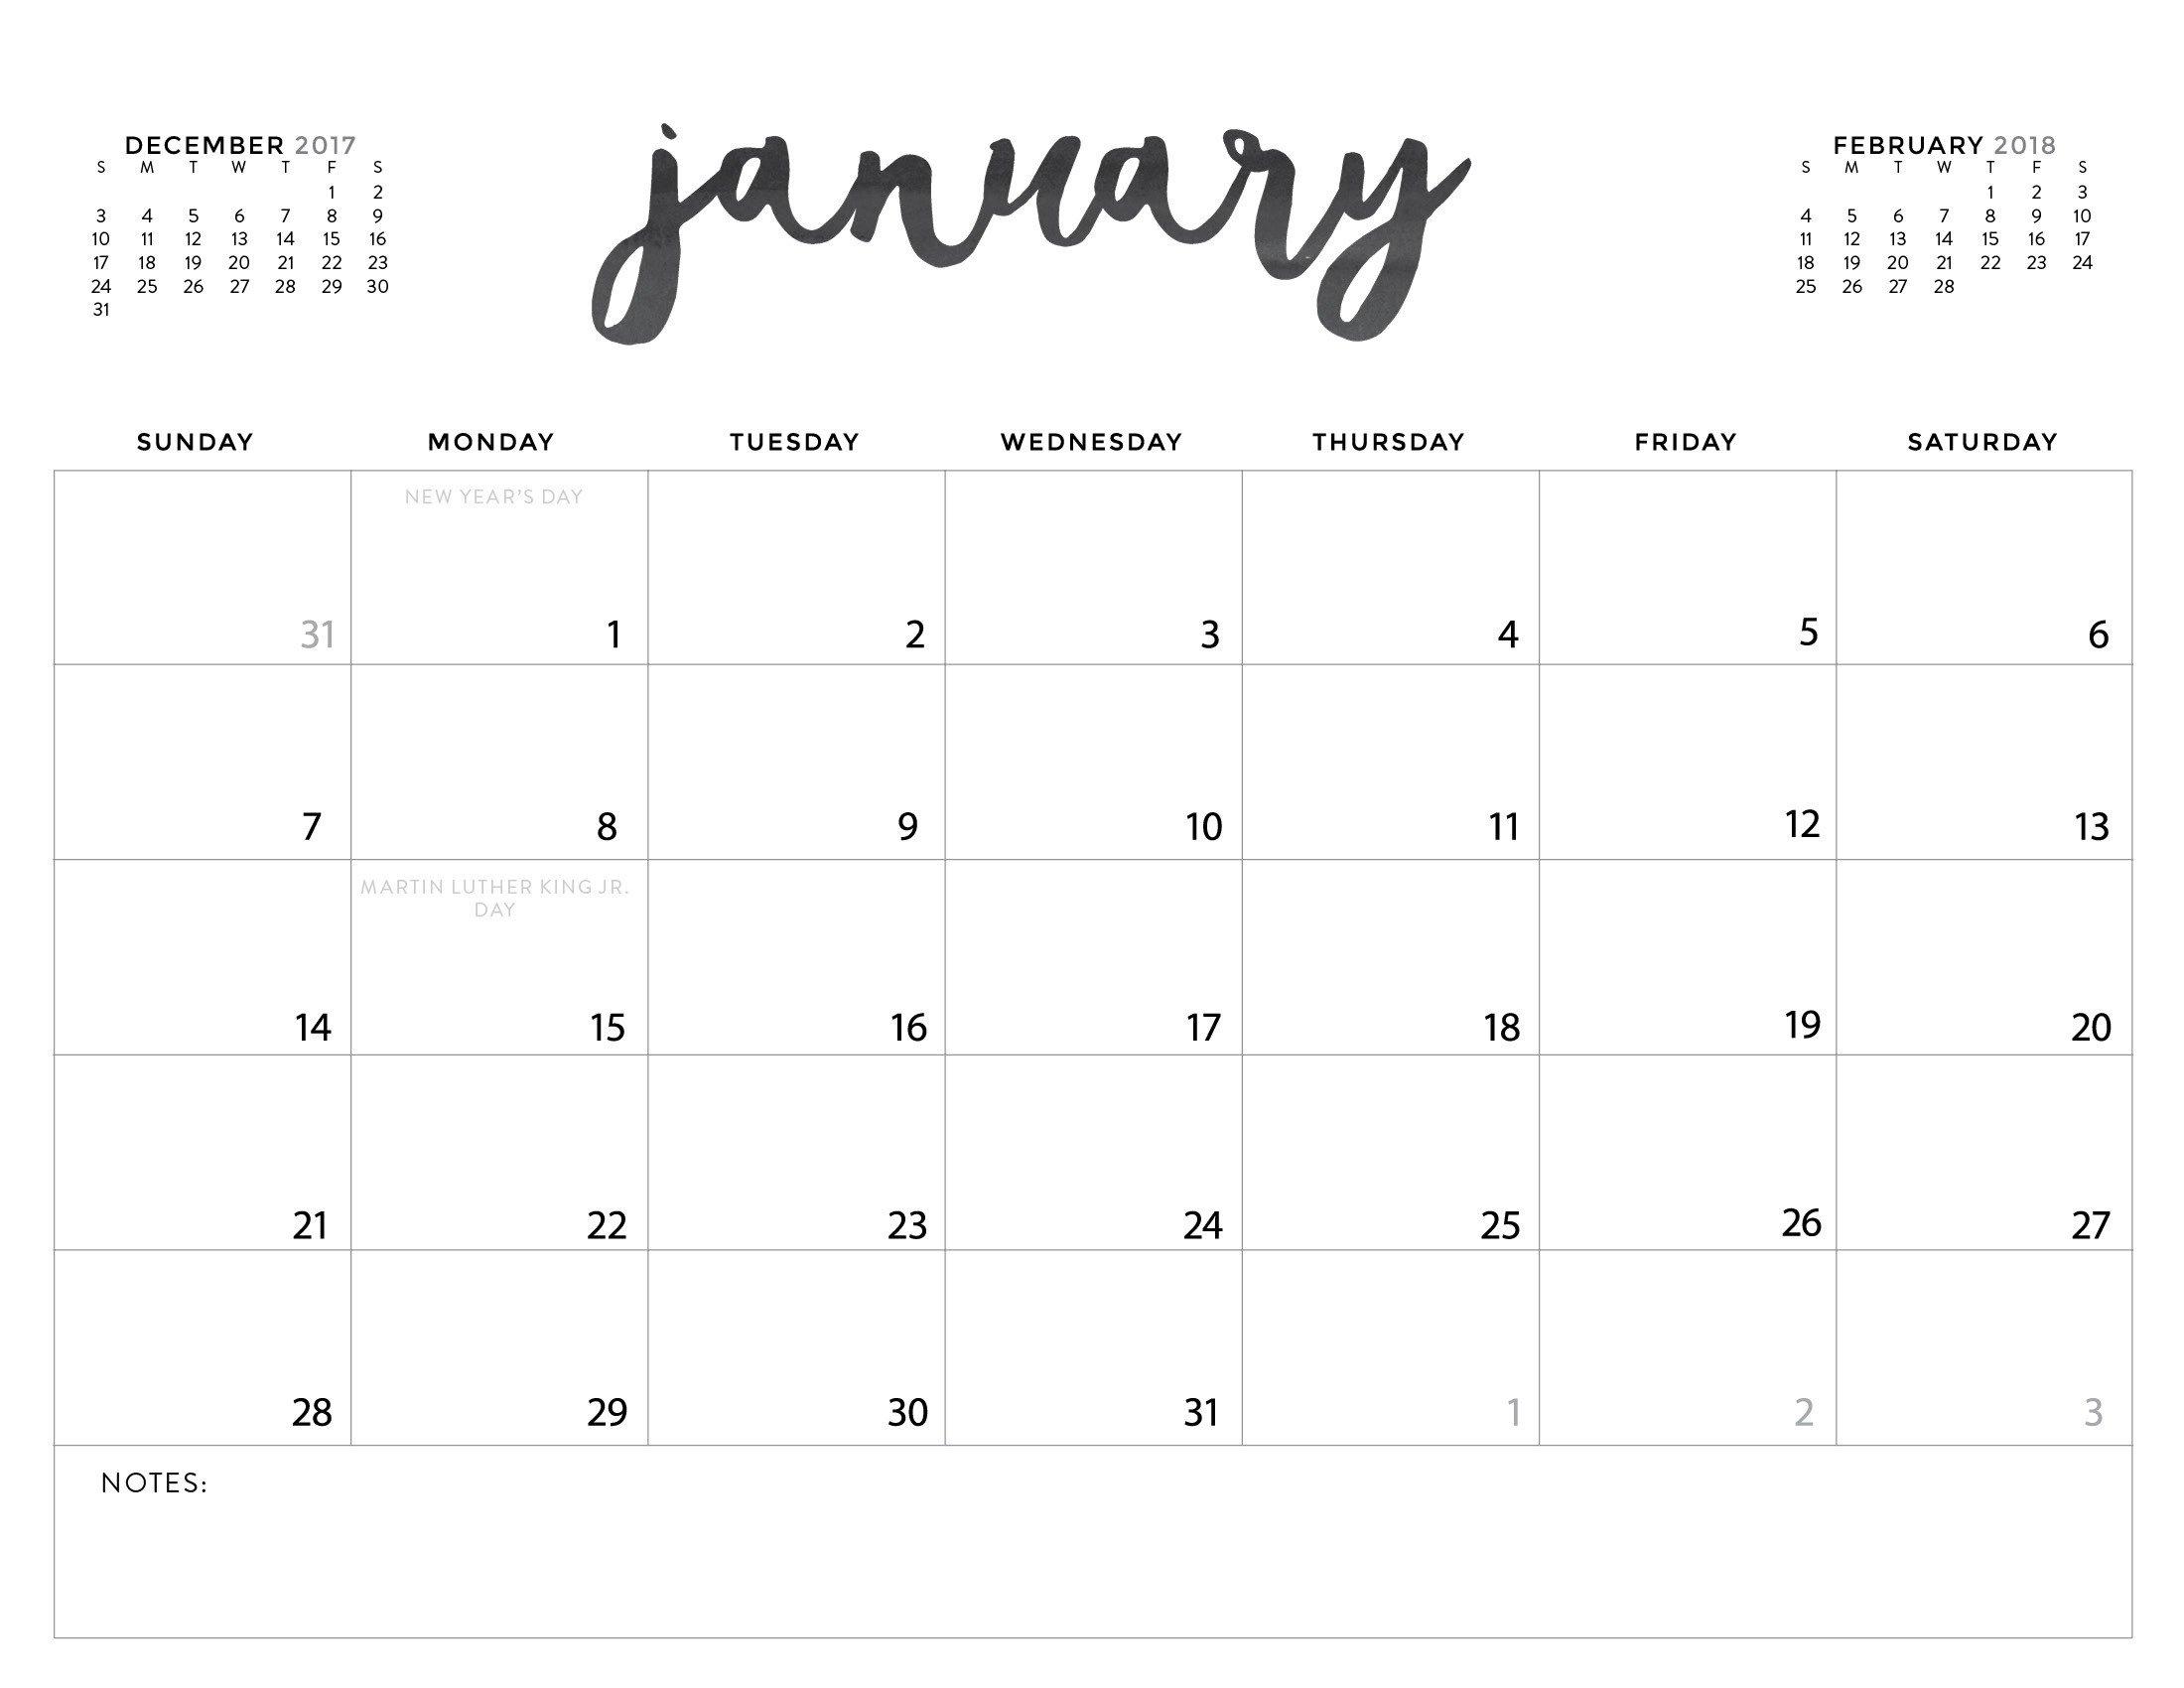 Printable Calendar 2019 Imom | Printable Calendar 2019 Calendar 2019 Imom